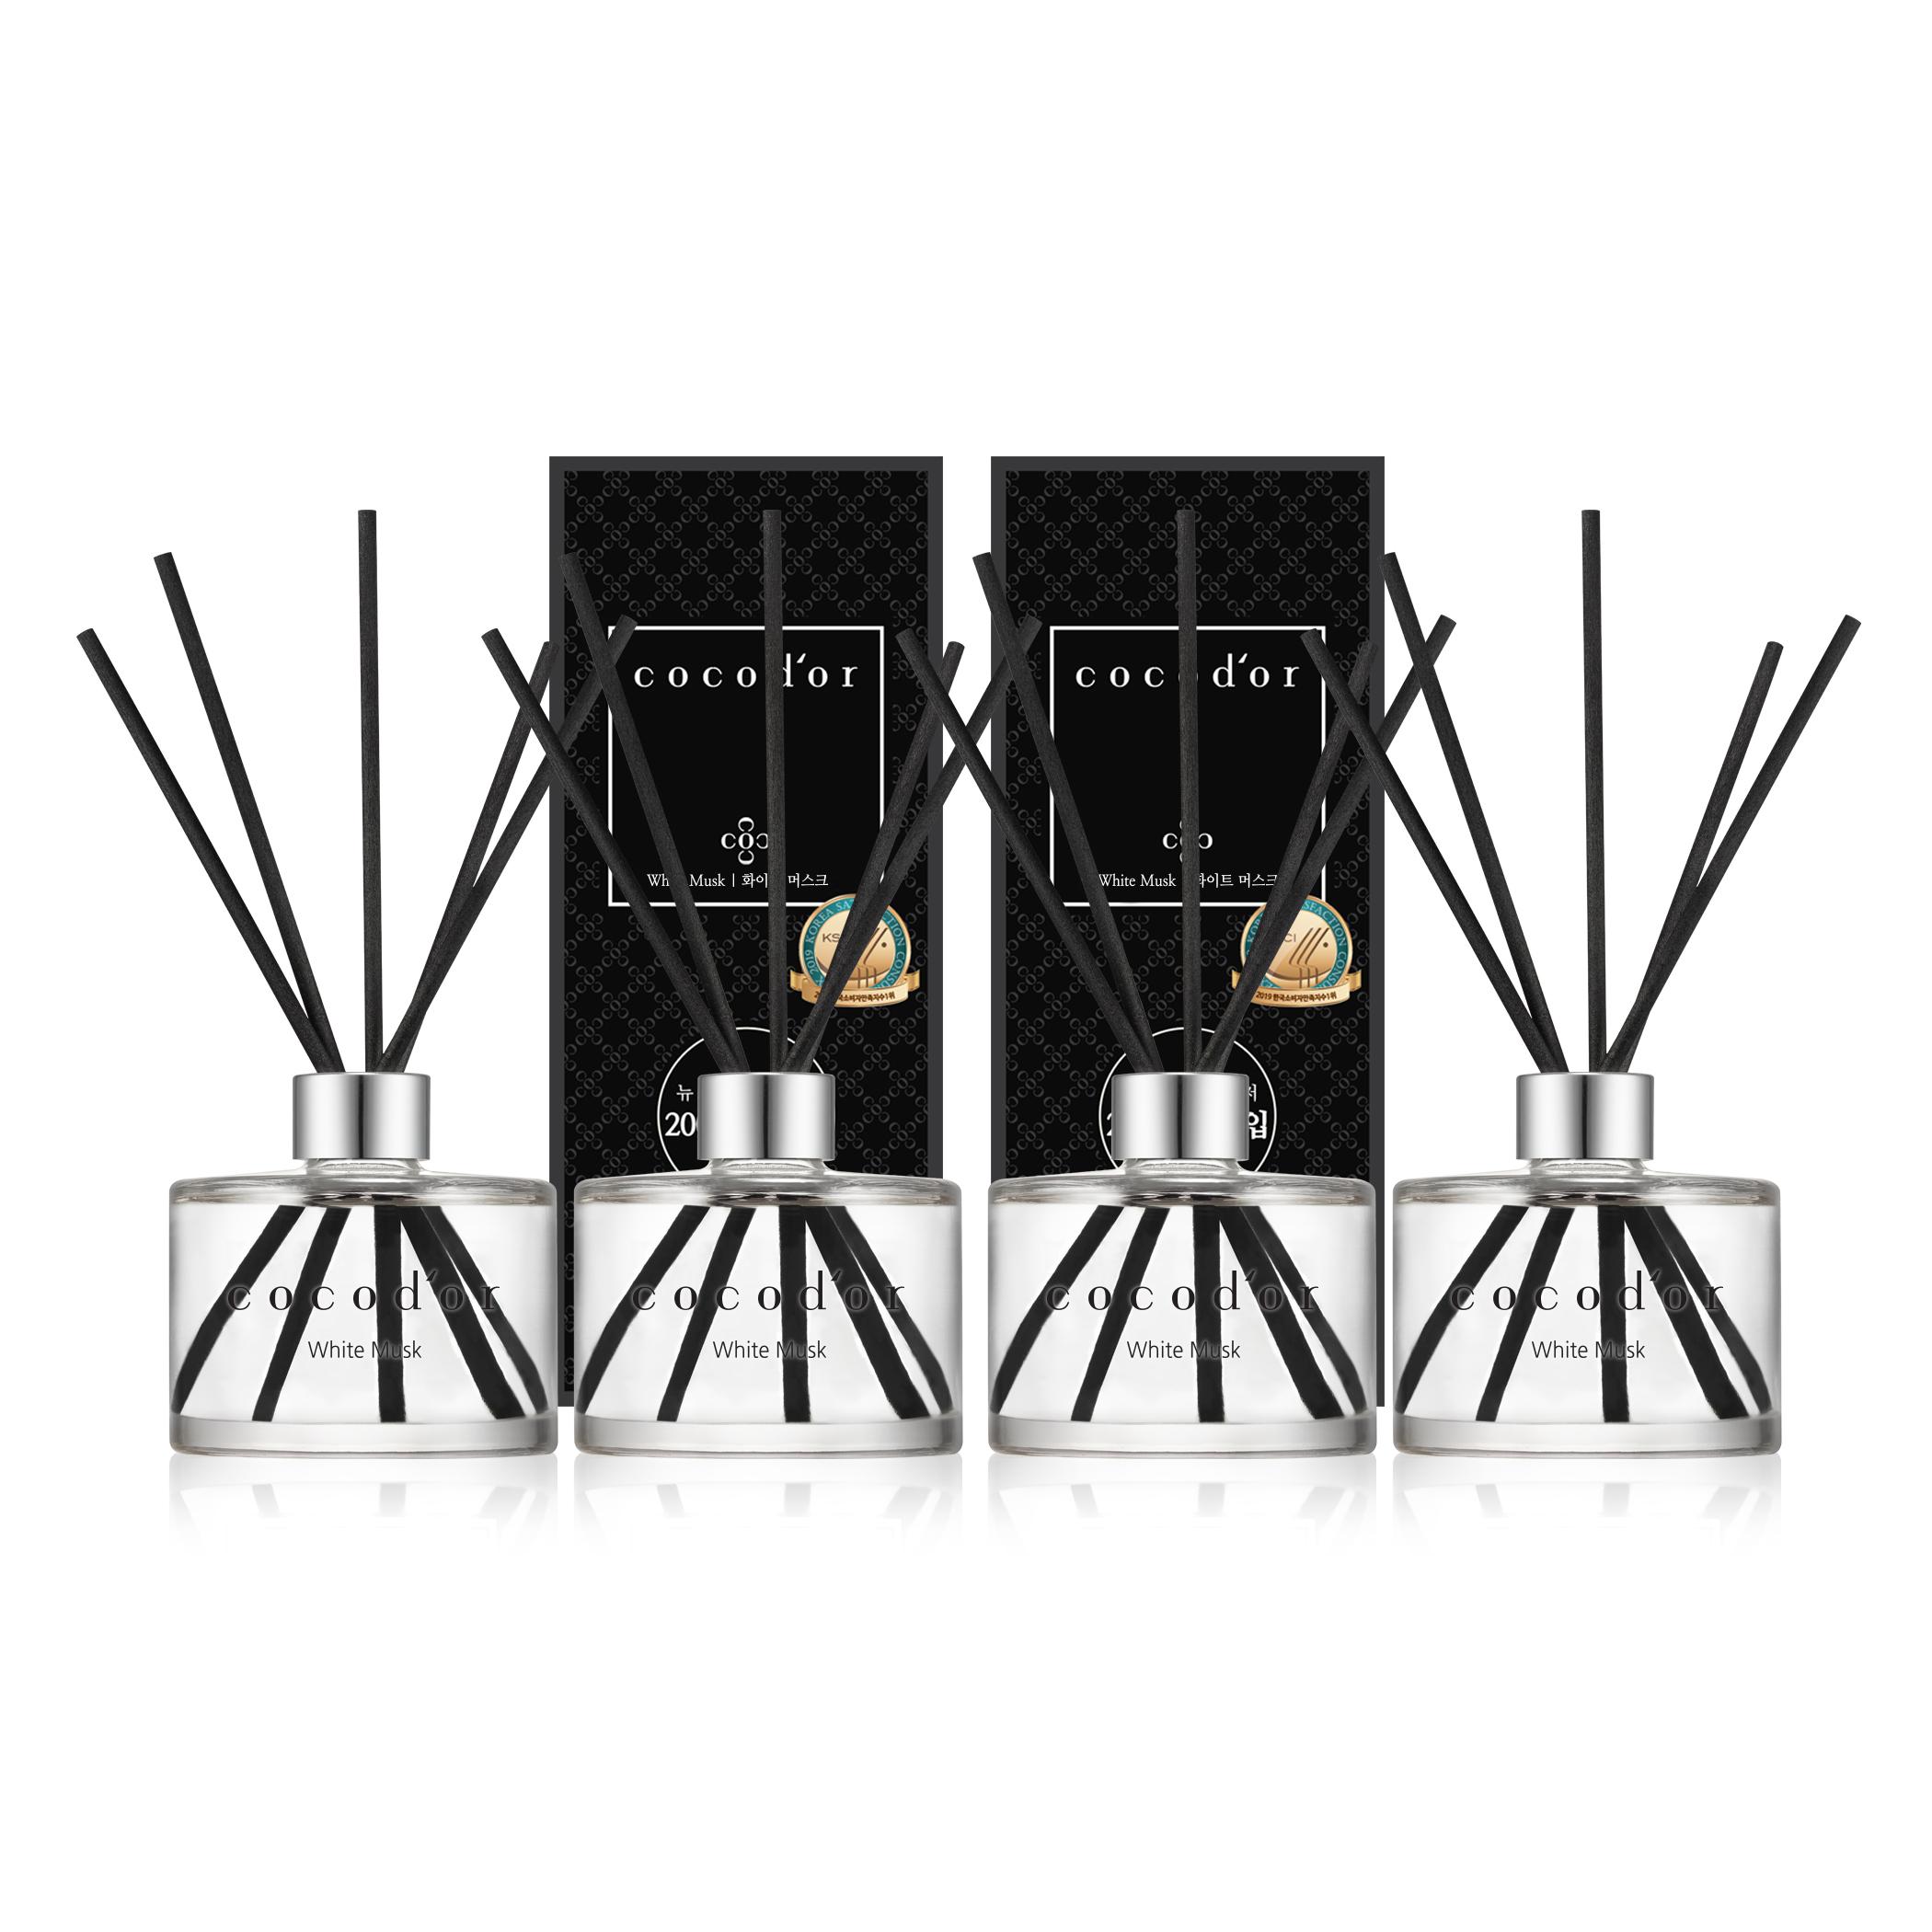 코코도르 뉴 디퓨저 200ml x 4p, 화이트머스크